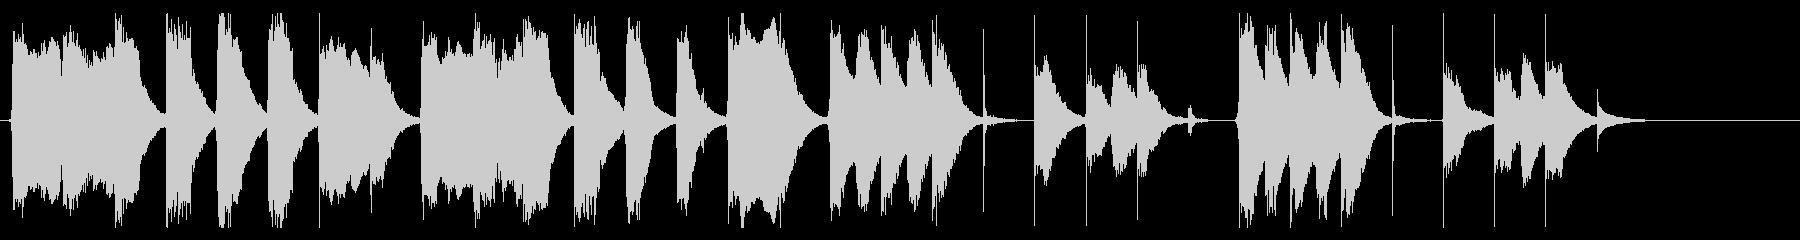 コミカルでおとぼけな、ほのぼのジングルの未再生の波形